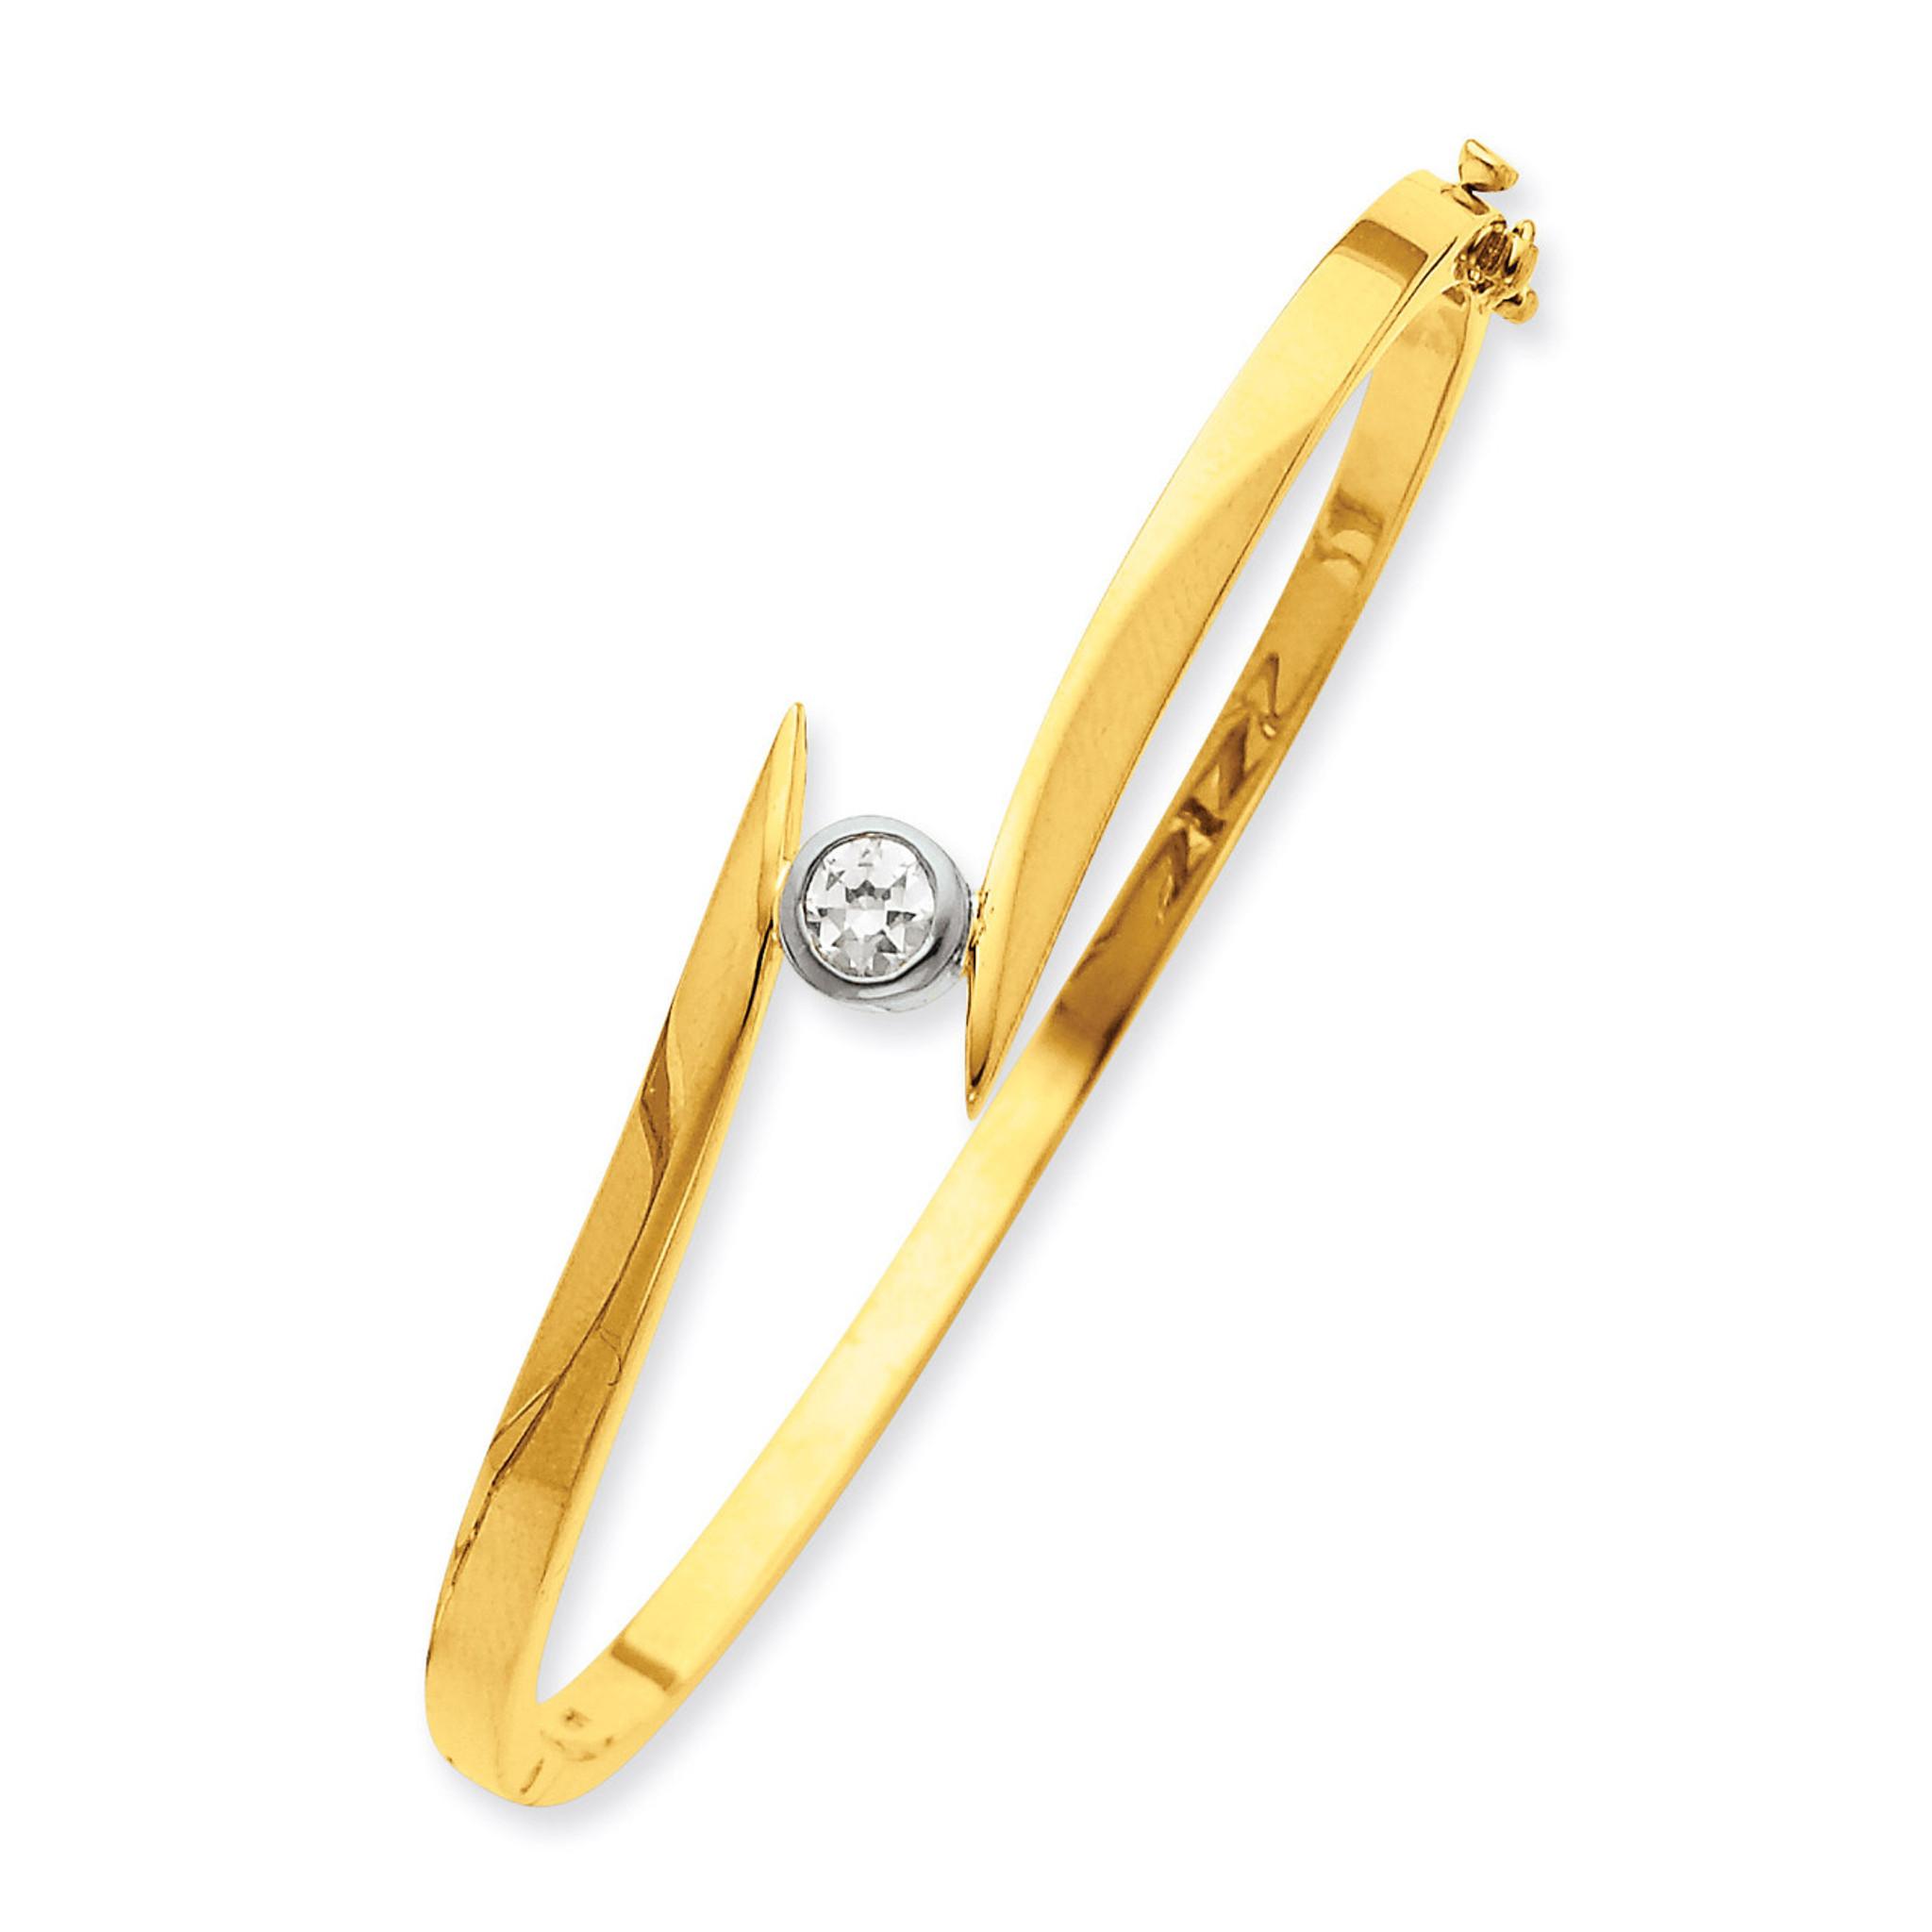 7b19ebe29786c Bangle Bracelet Mounting 14k Two-tone Gold XB78